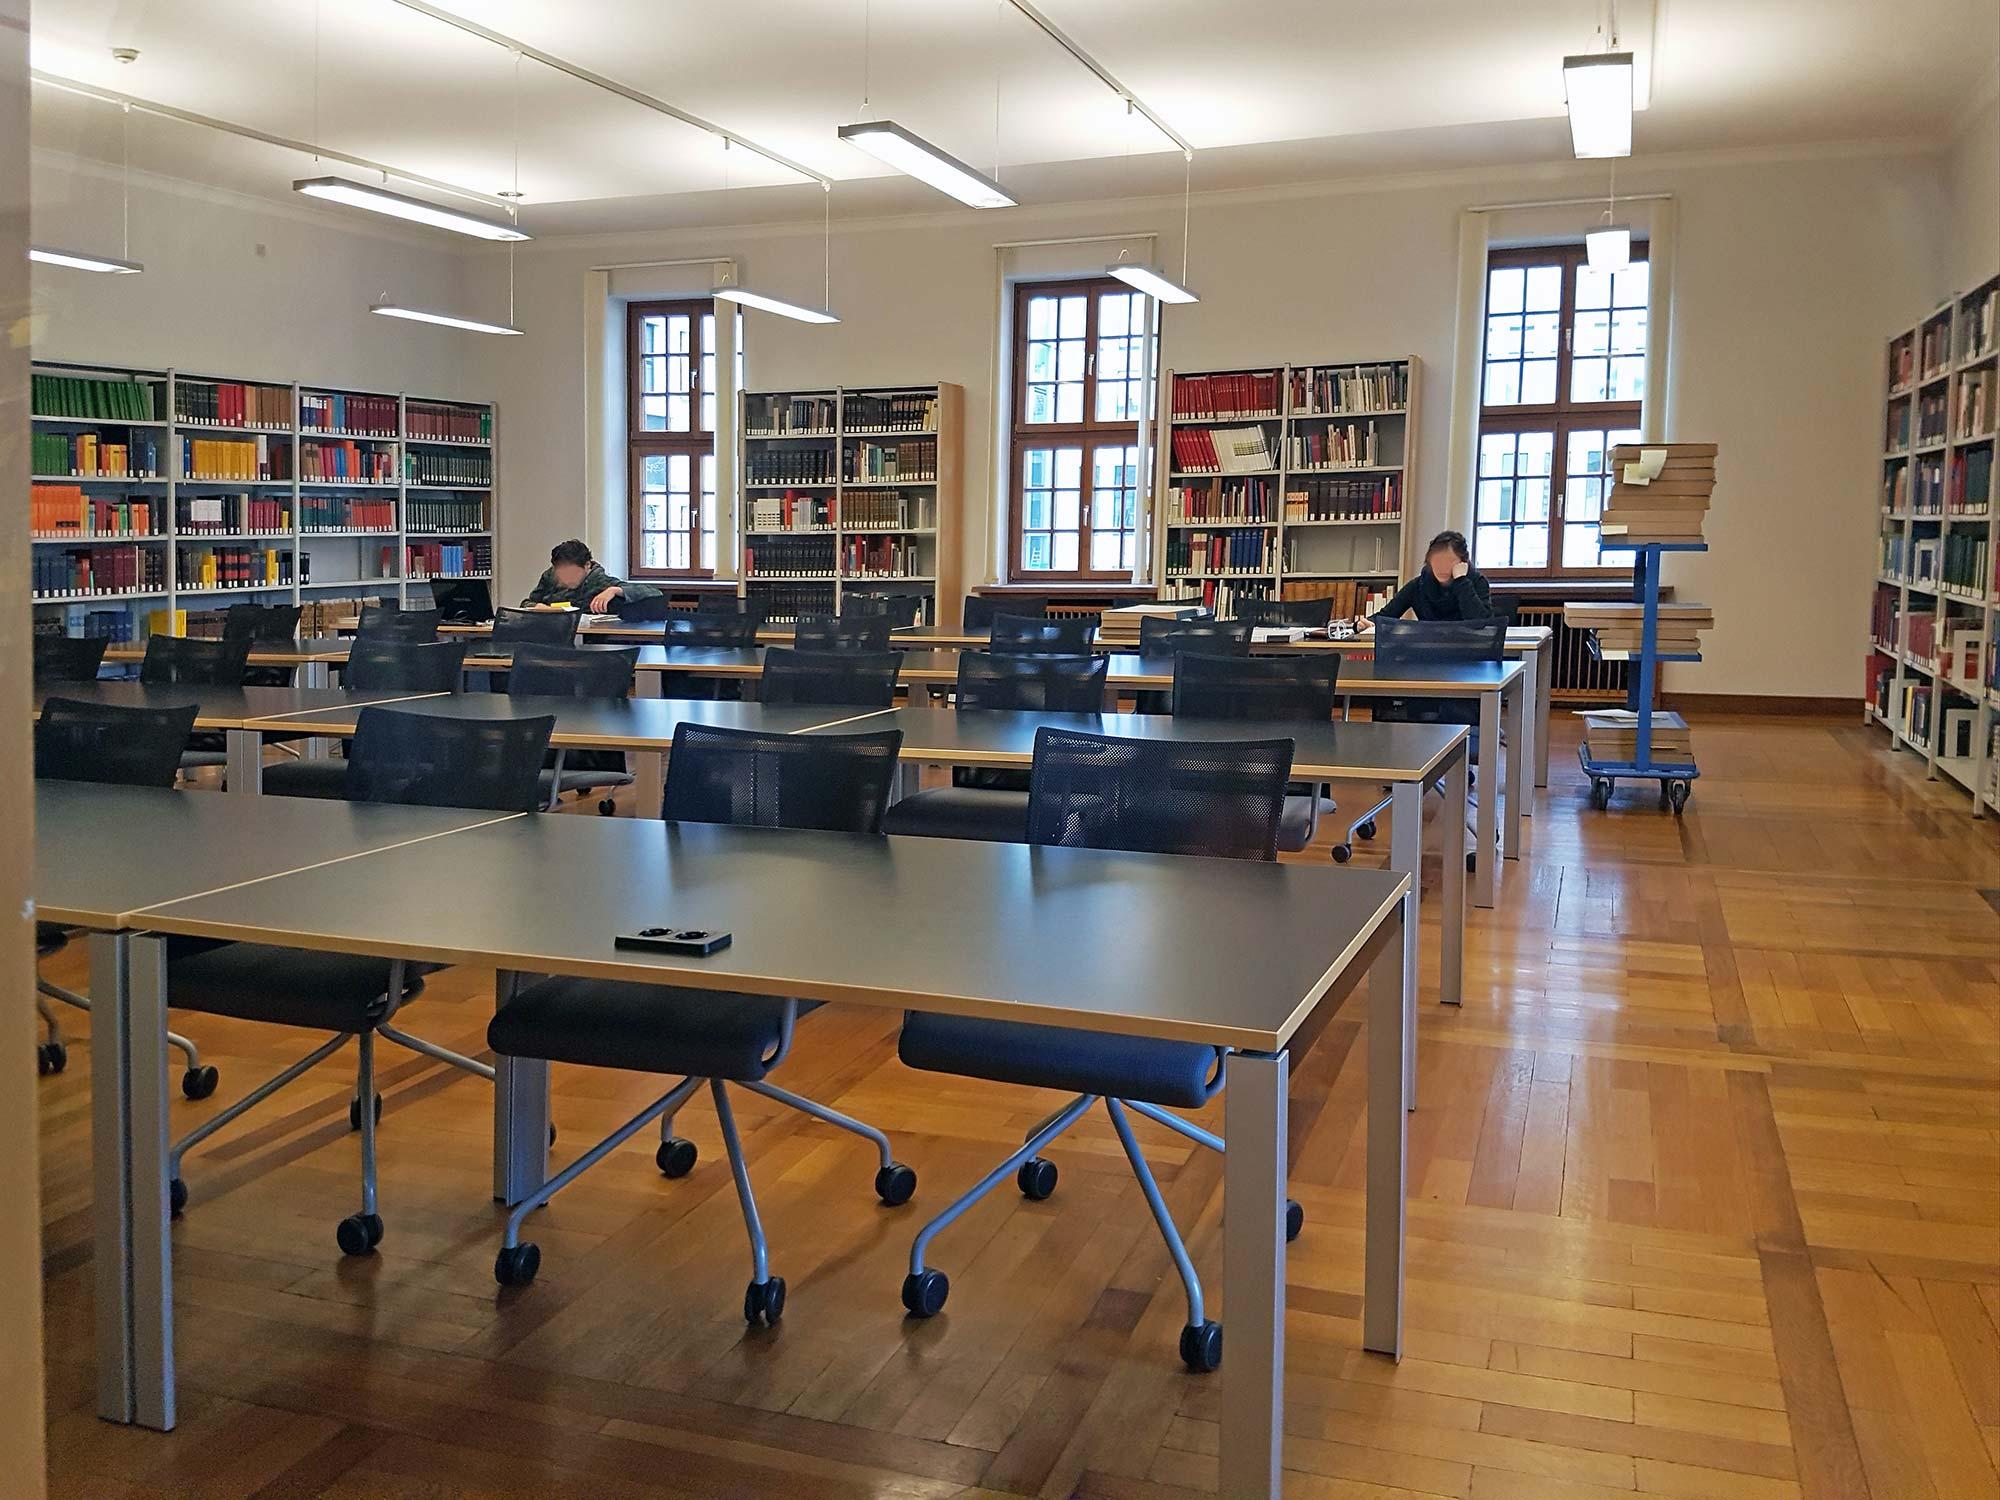 Lesesaal ISG - Institut für Stadtgeschichte in Frankfurt am Main - Stadtarchiv Frankfurt - Bibliothek